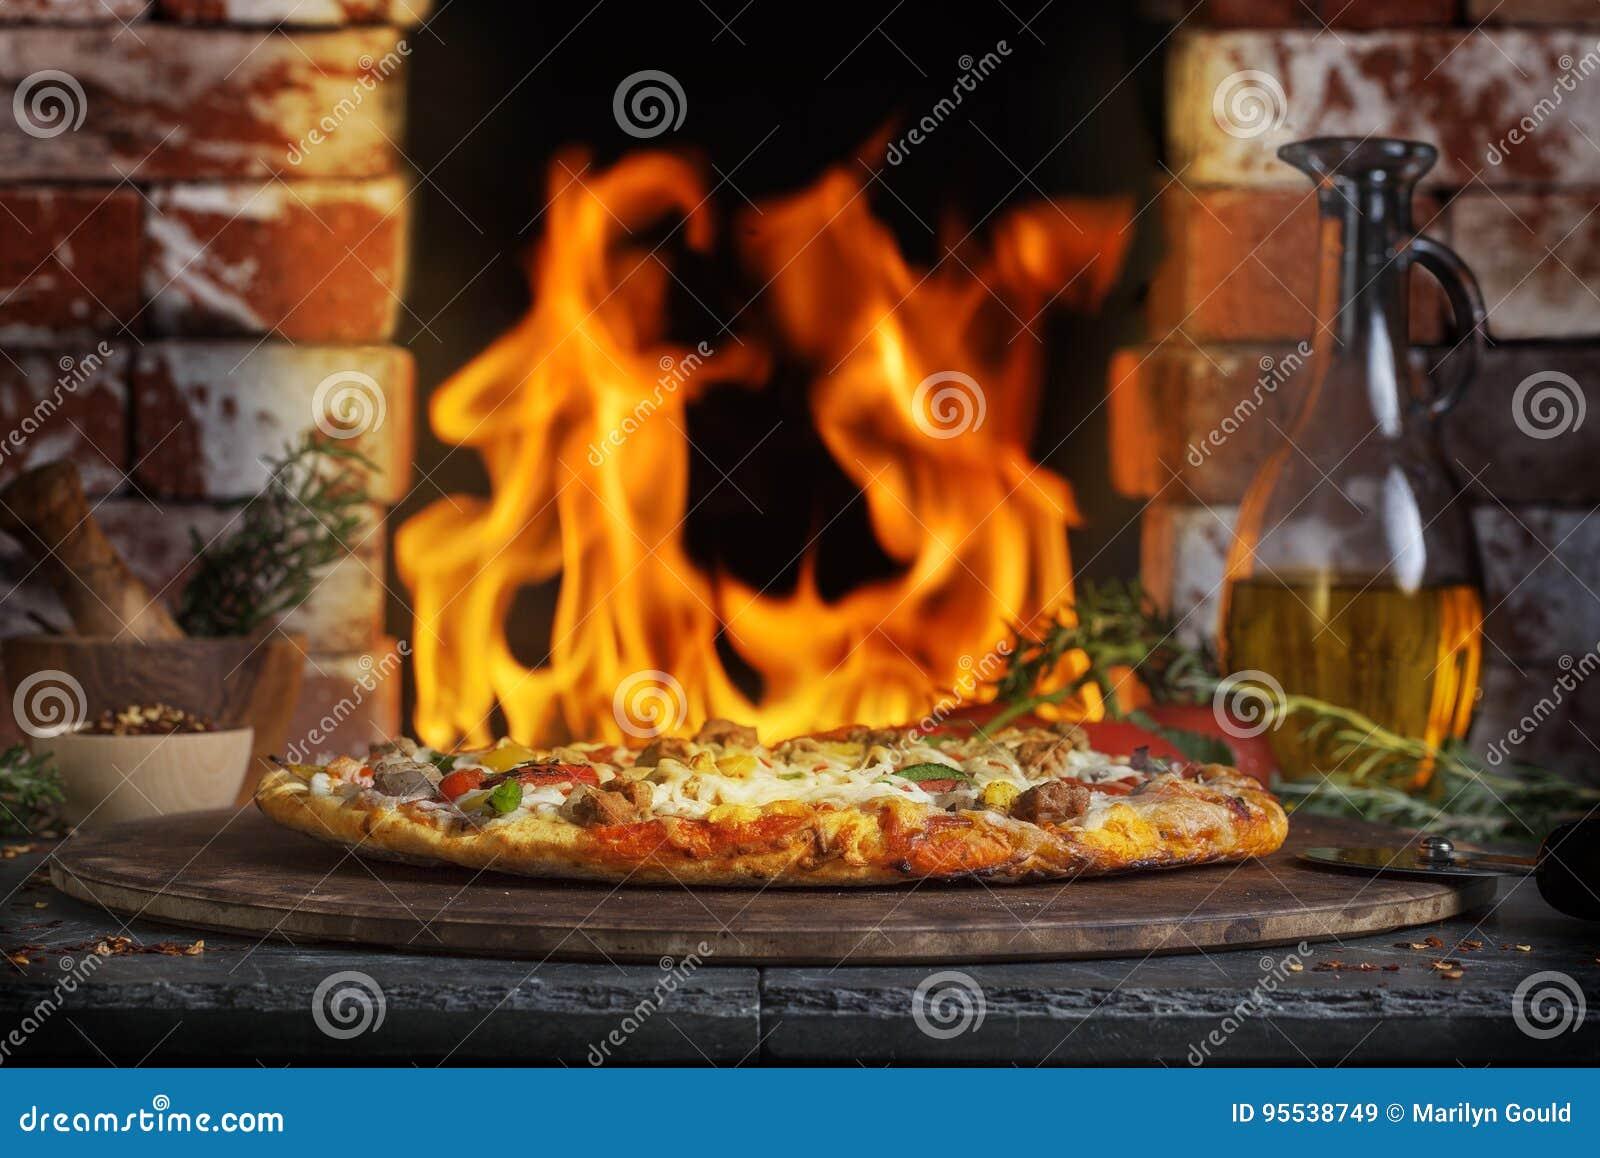 Horno del fuego del ladrillo de la pizza